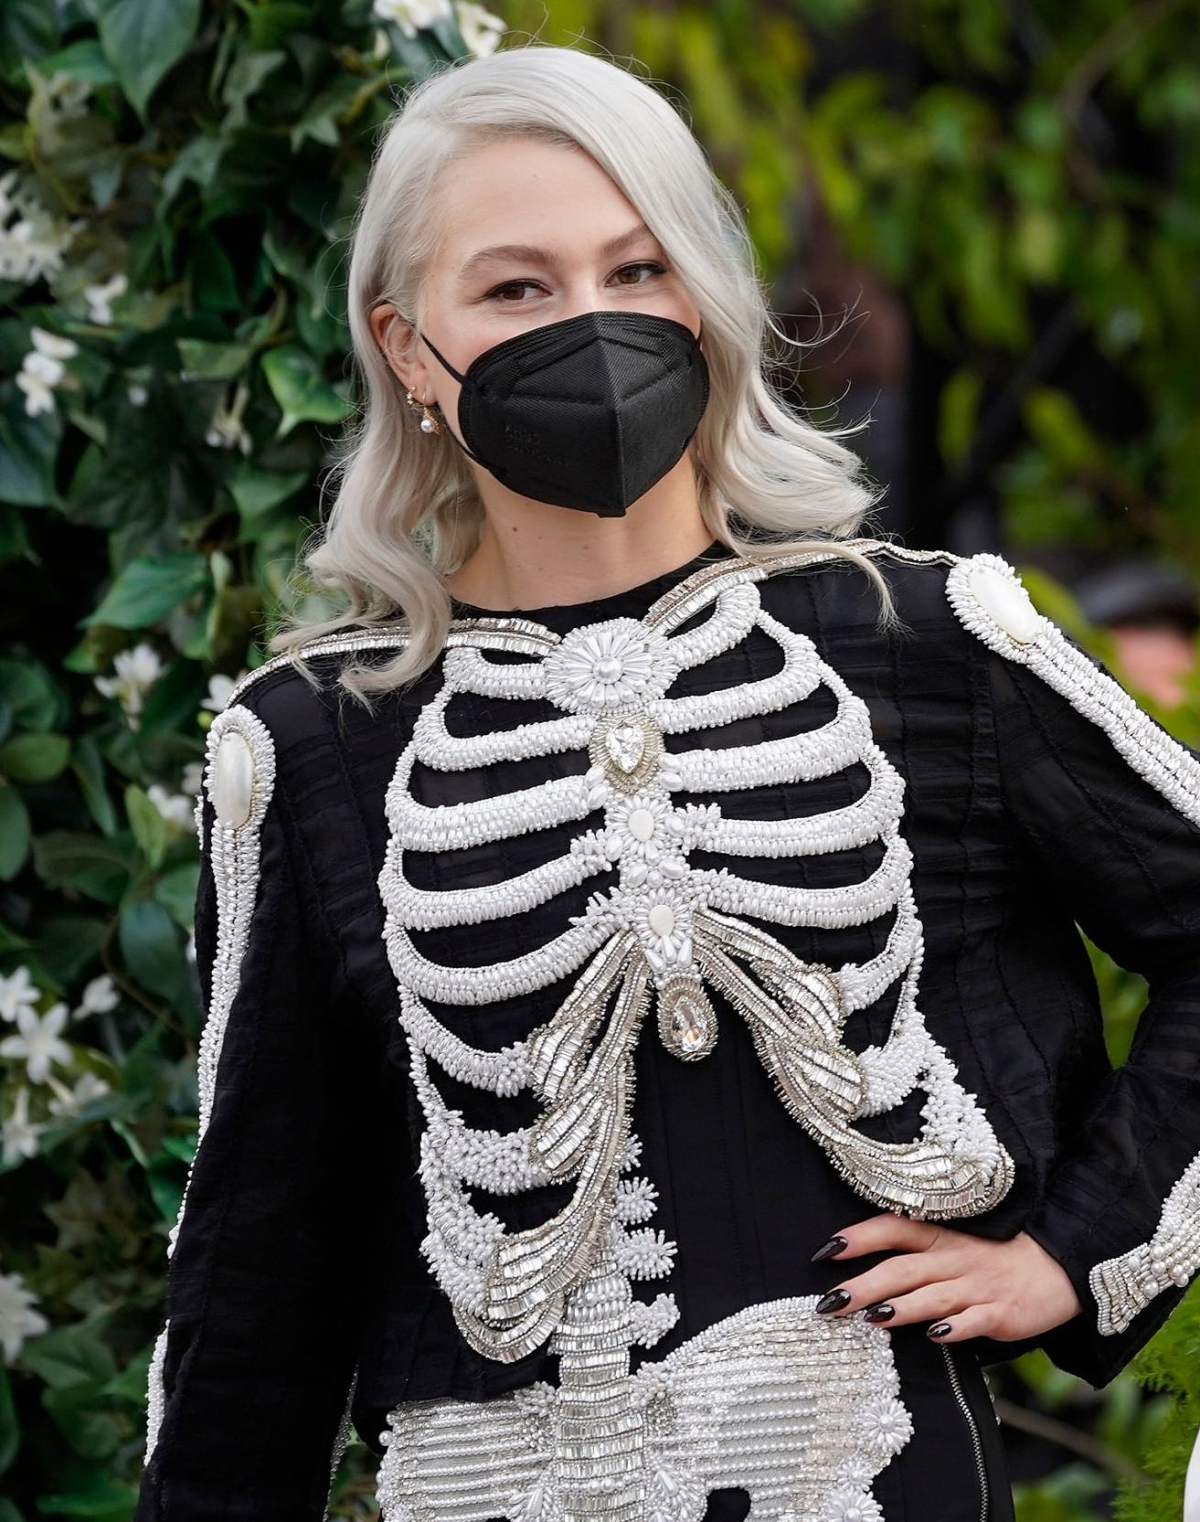 Để phù hợp với trang phục bộ xương đến từ thương hiệu Thom Browne,Phoebe Bridgers chọn khẩu trang màu đen.